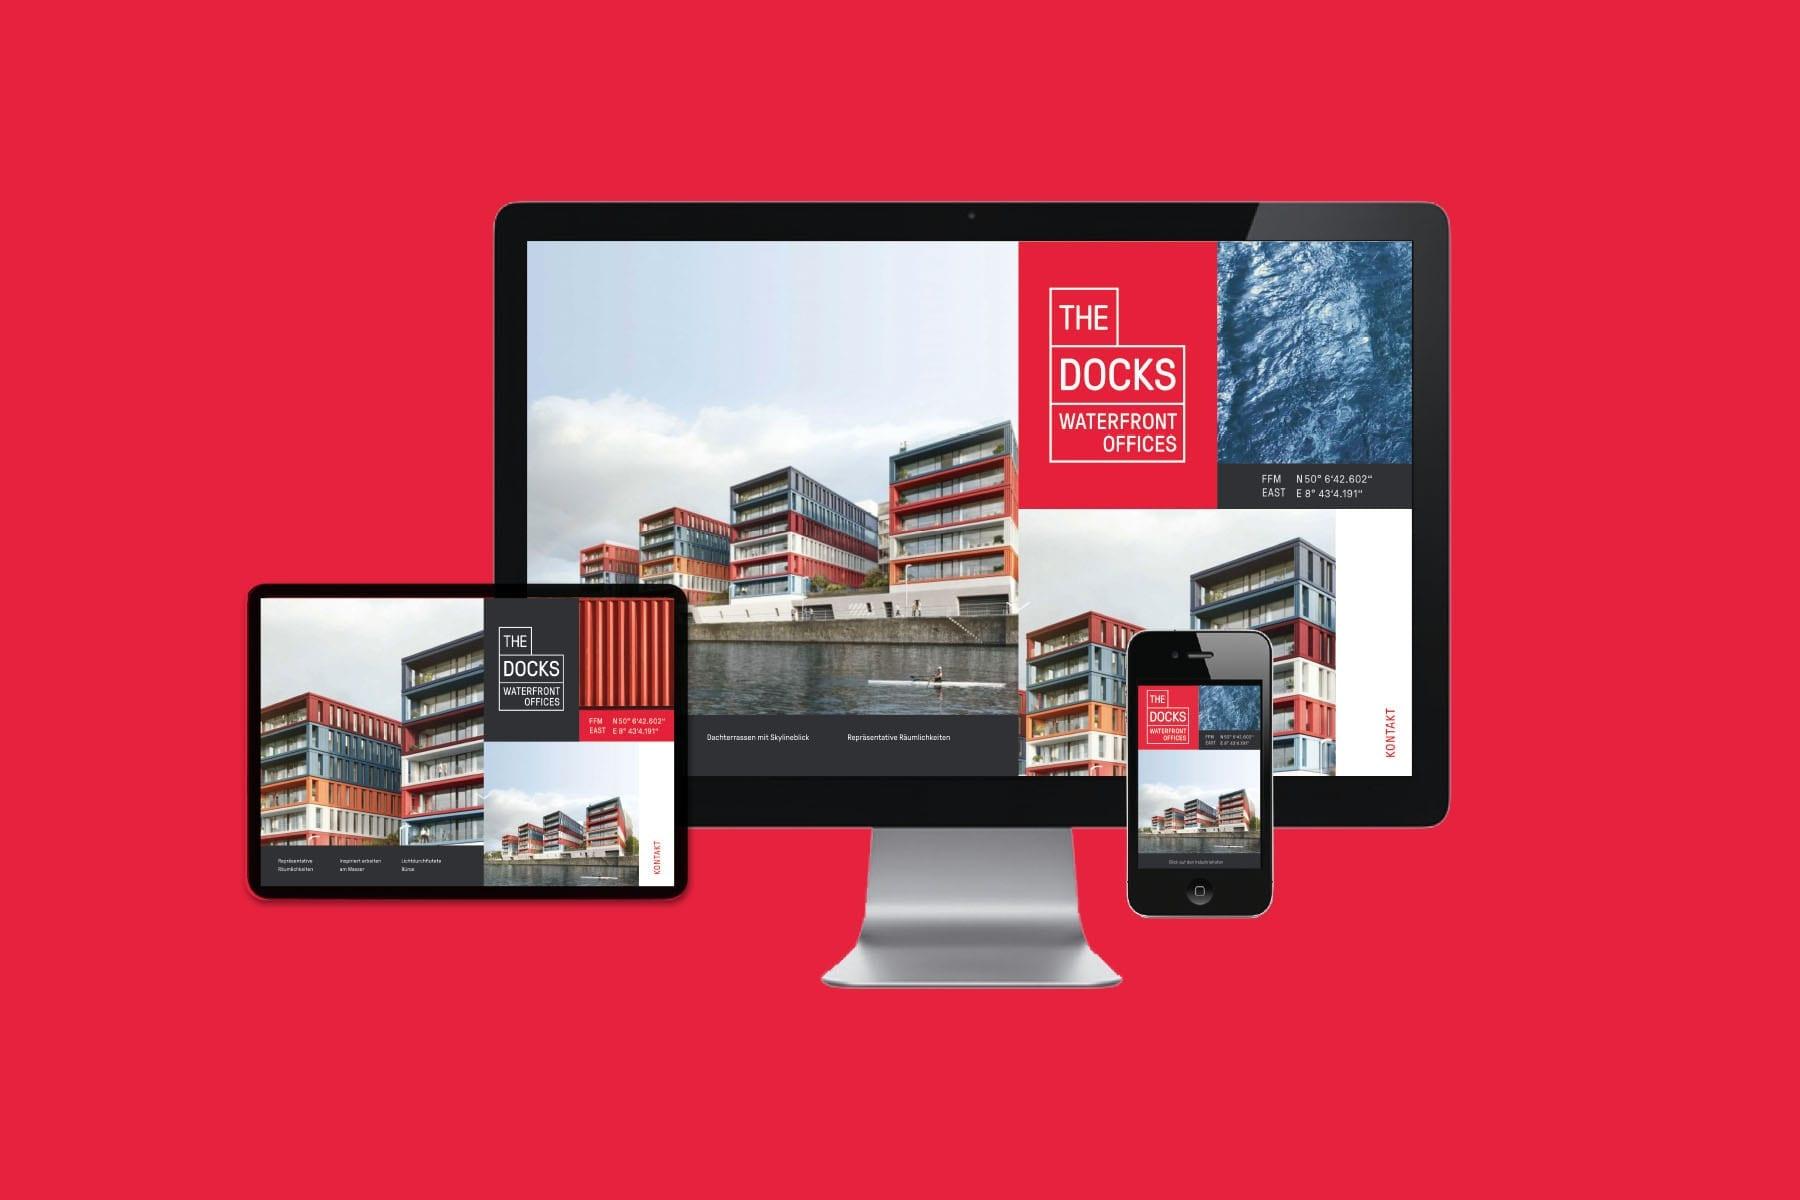 Marketingkampagne für das Bürogebäude - The Docks Website Responsive